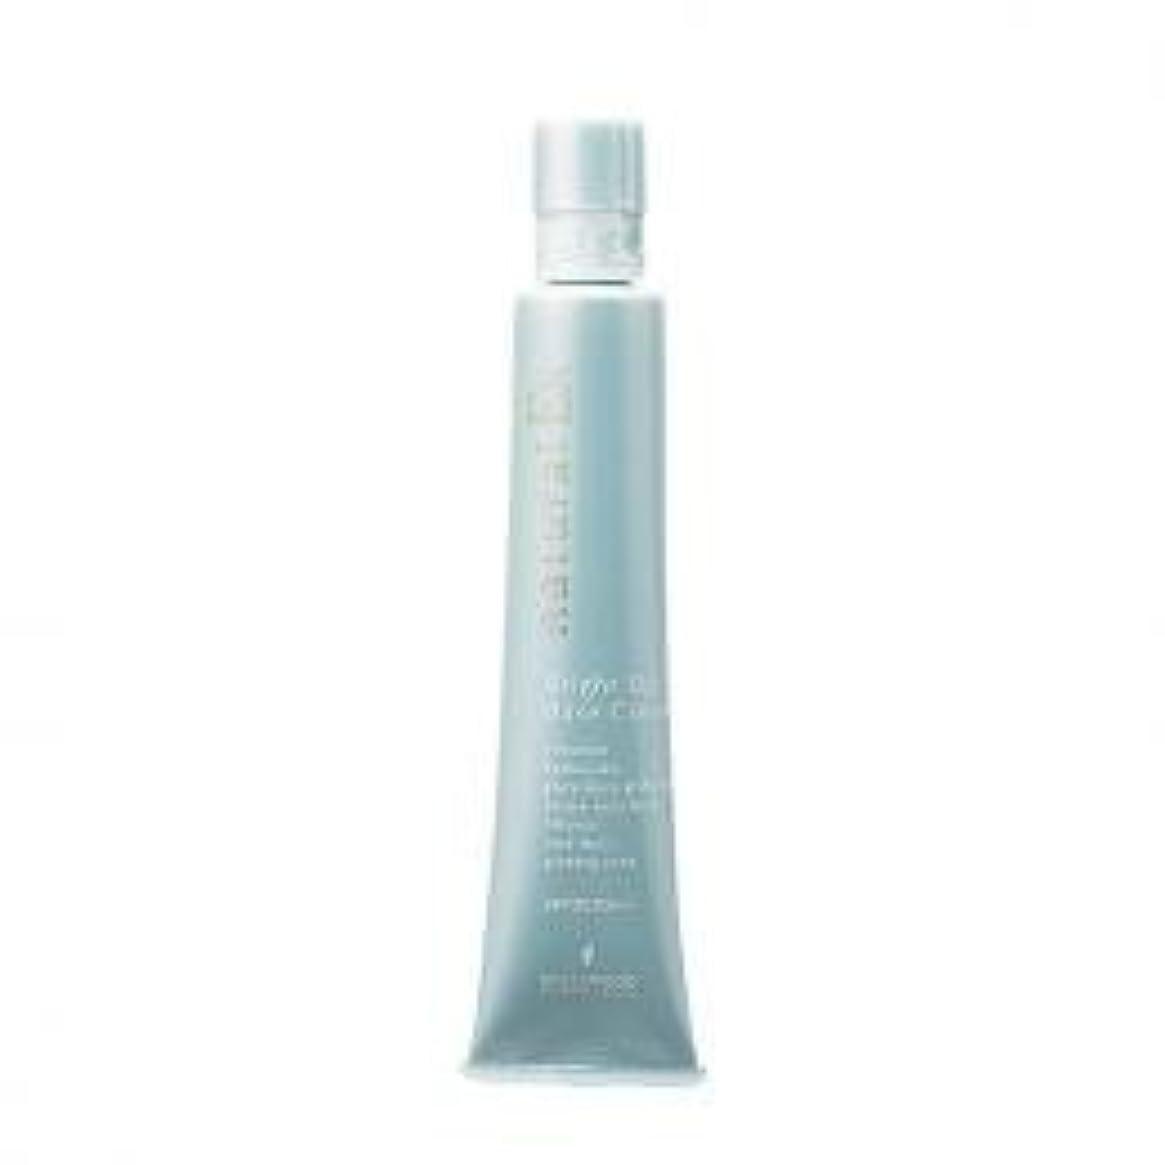 ハリウッド化粧品 ナチュラルEX ブライトアップ ベースクリーム h 35g SPF30 PA++